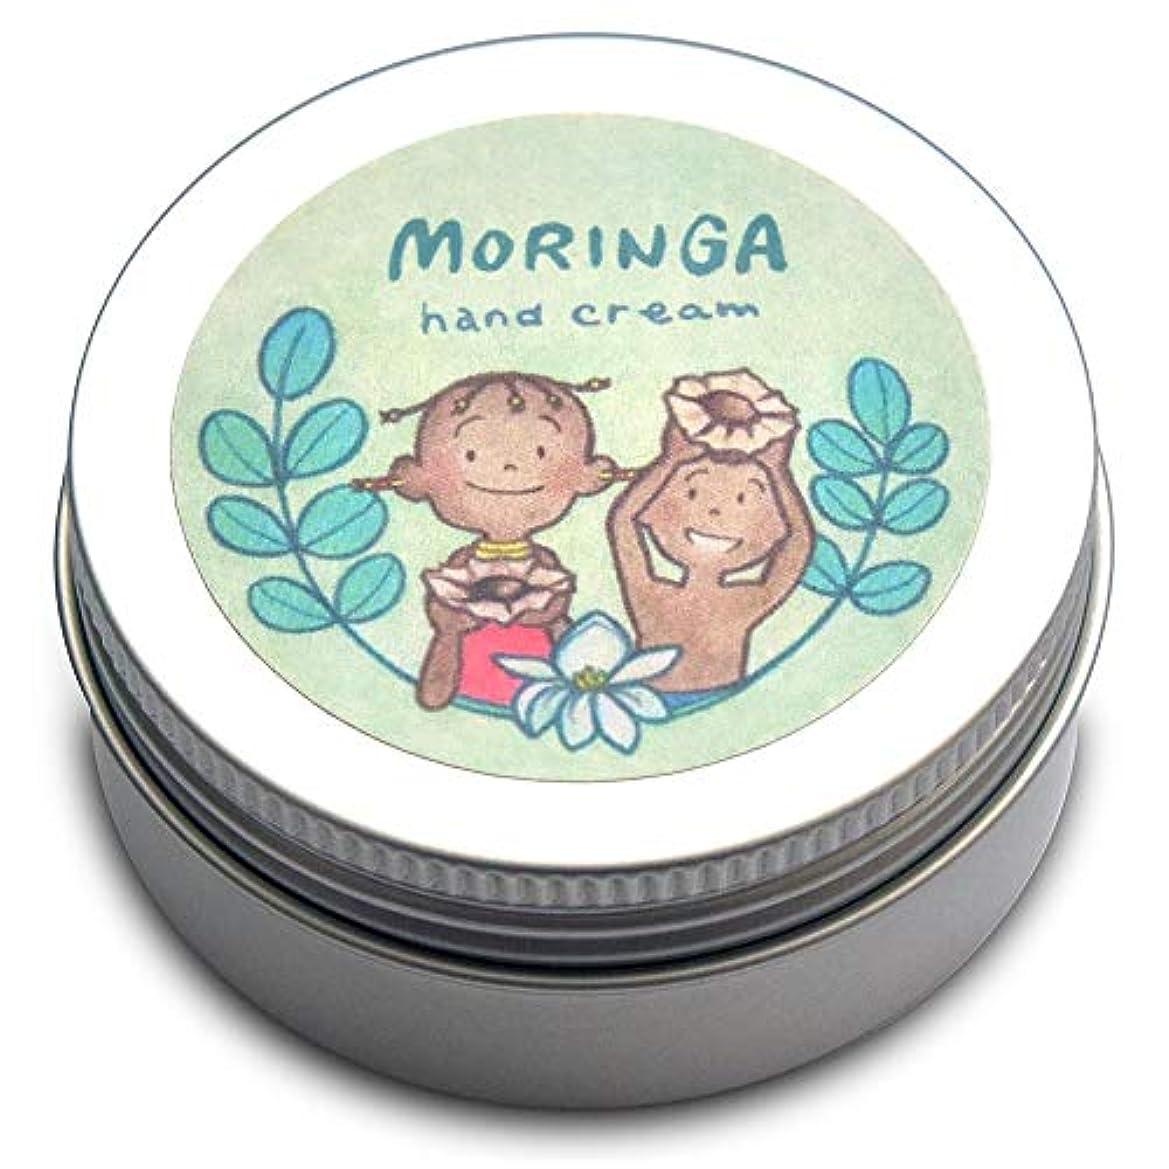 聖域ストライプピグマリオンMORINGA モリンガハンドクリーム 30g